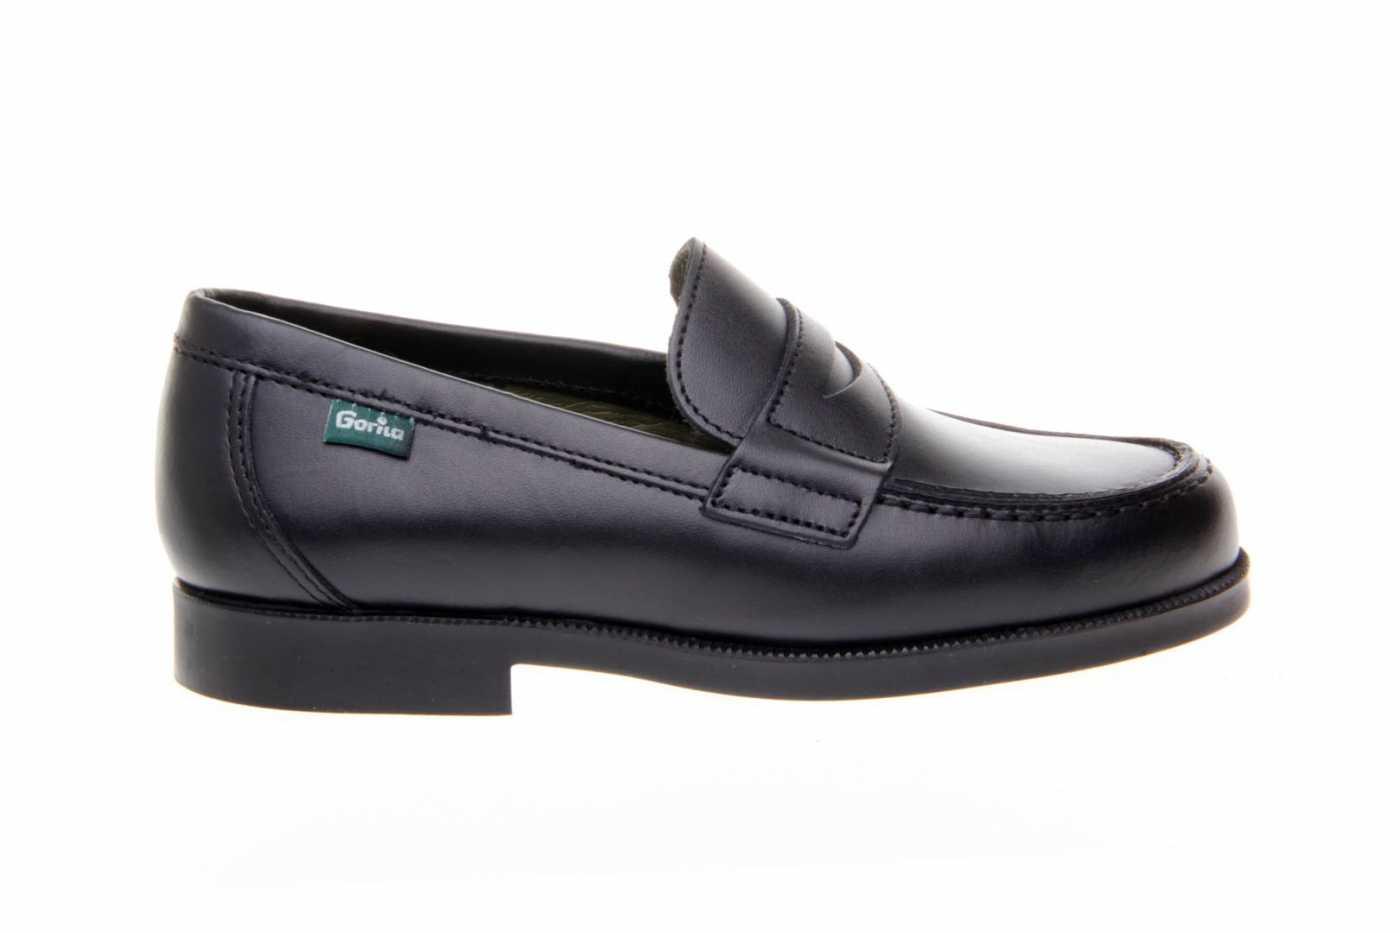 20689344e Comprar zapato tipo JOVEN NIÑO estilo MOCASIN COLOR NEGRO PIEL ...